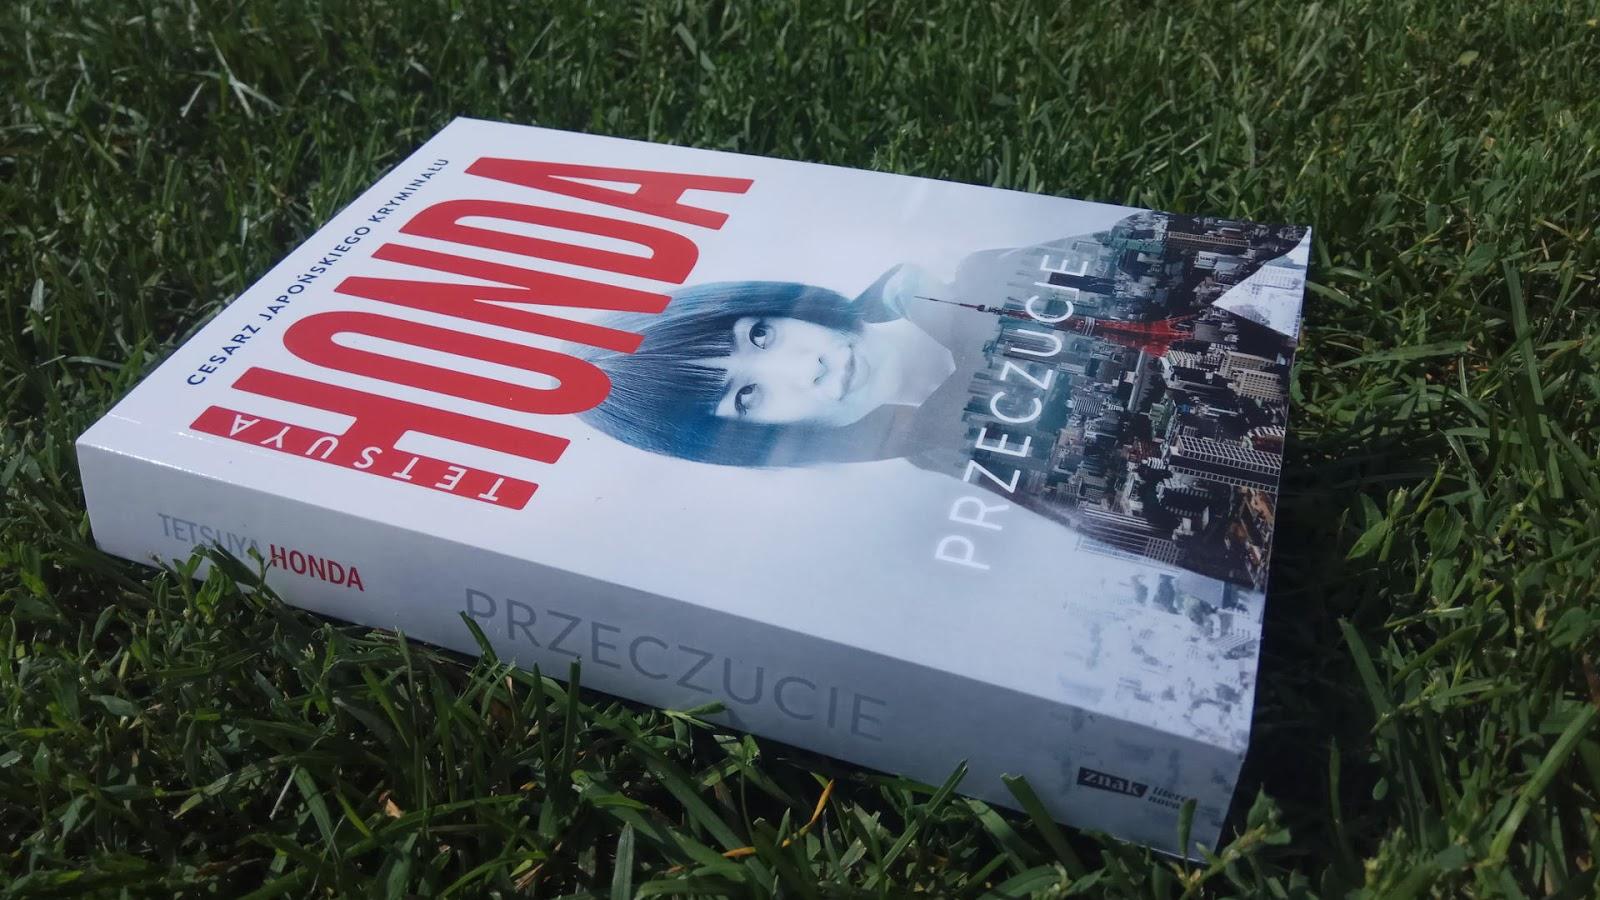 Przeczucie, autor Tetsuya Honda - okładka książki na tle trawy